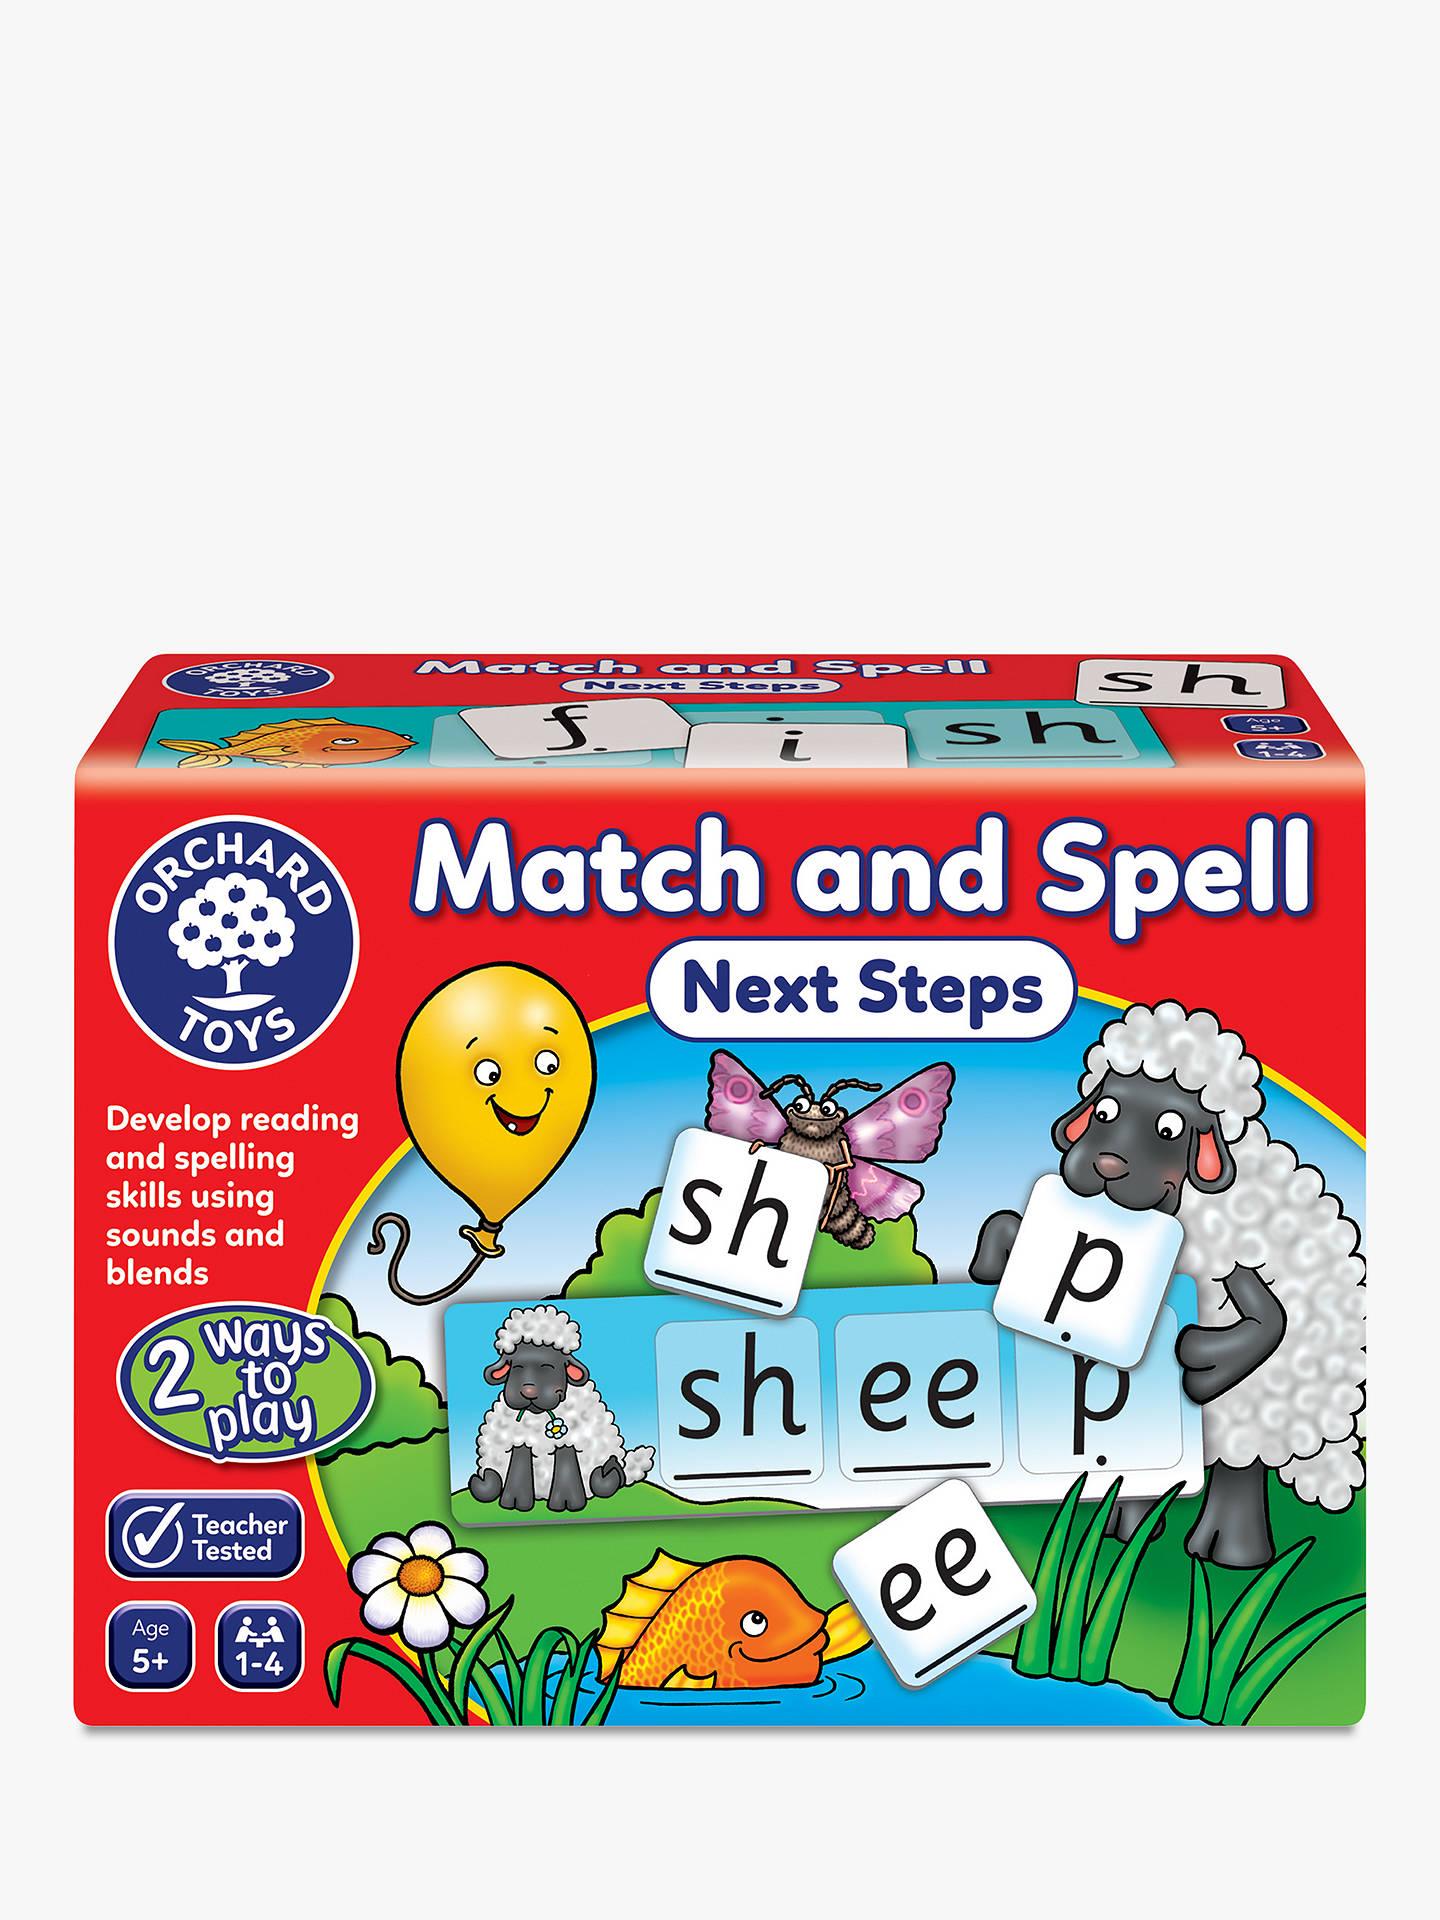 Phonetic Spelling Strategies